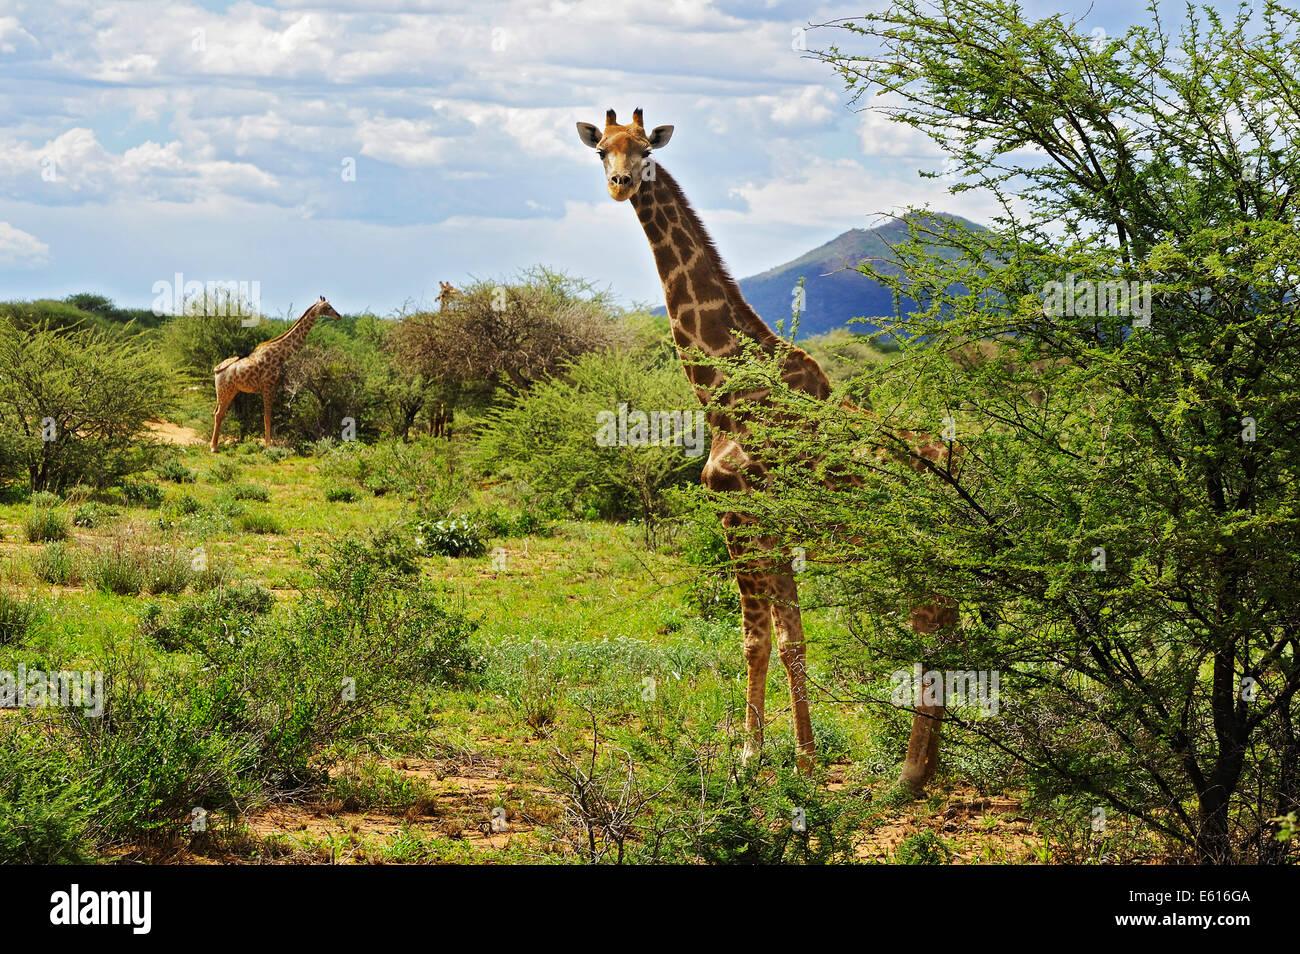 Sabana con jirafas (Giraffa camelopardalis) en Okahandja, Namibia Imagen De Stock